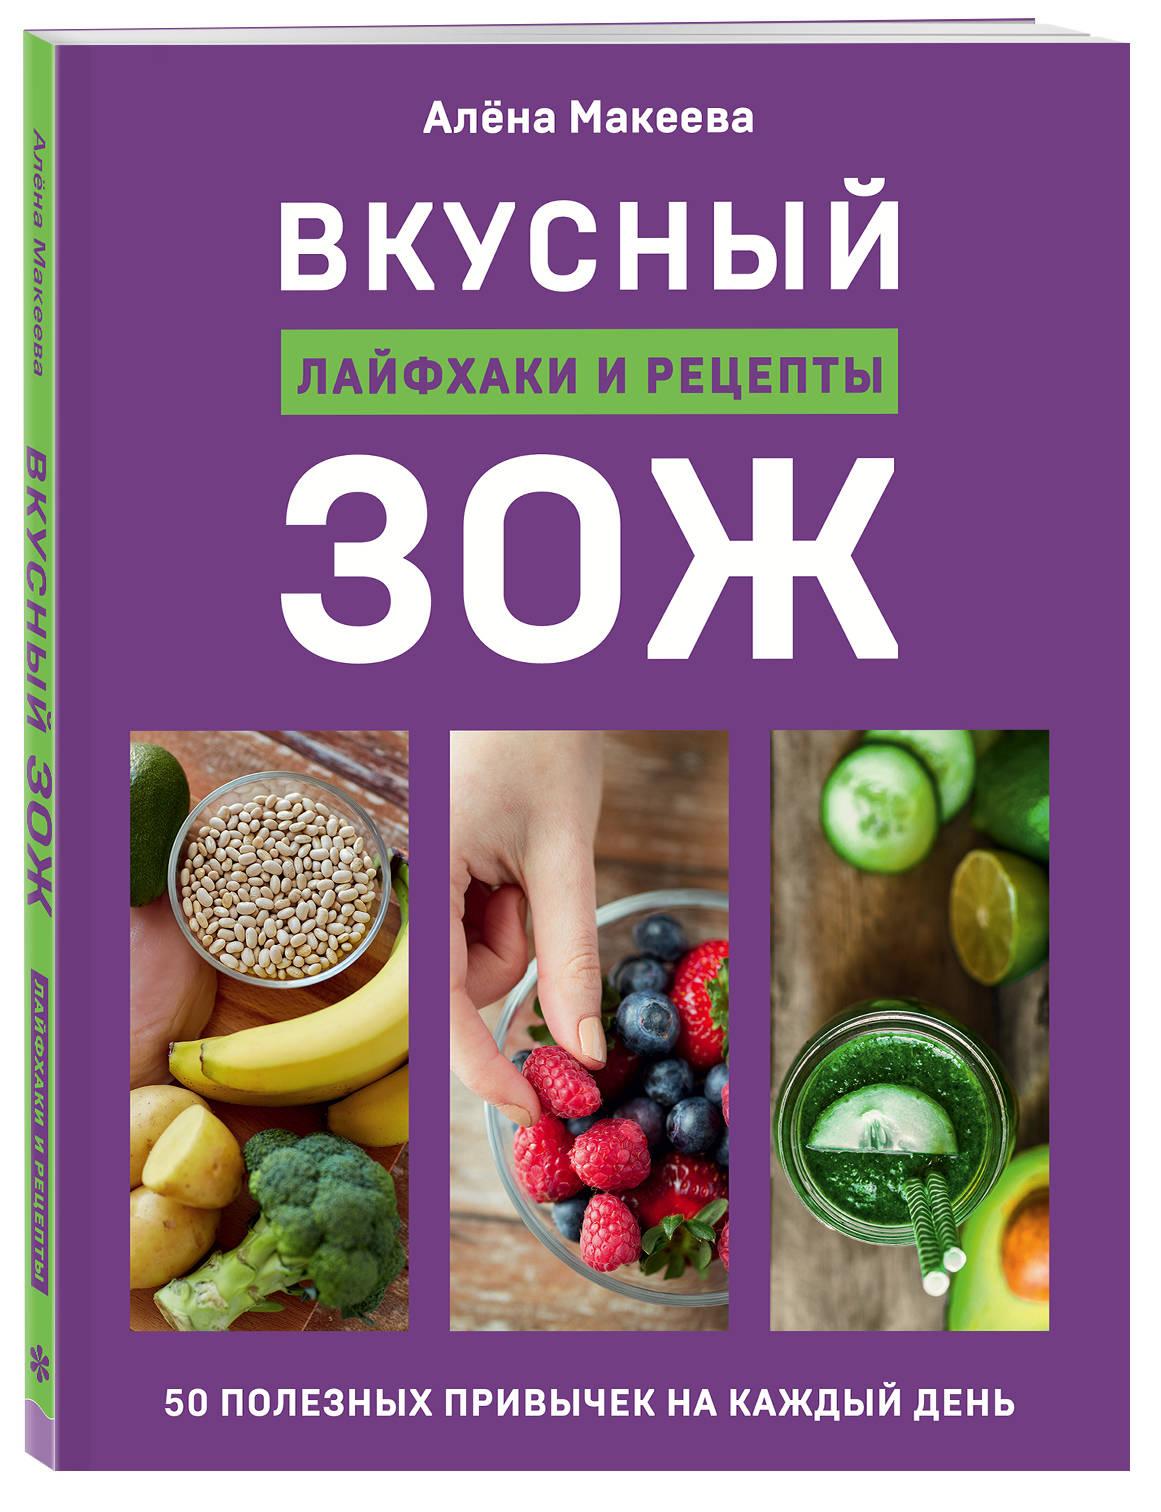 Вкусный ЗОЖ. 50 полезных привычек на каждый день. Лайфхаки и рецепты ( Макеева Алёна  )